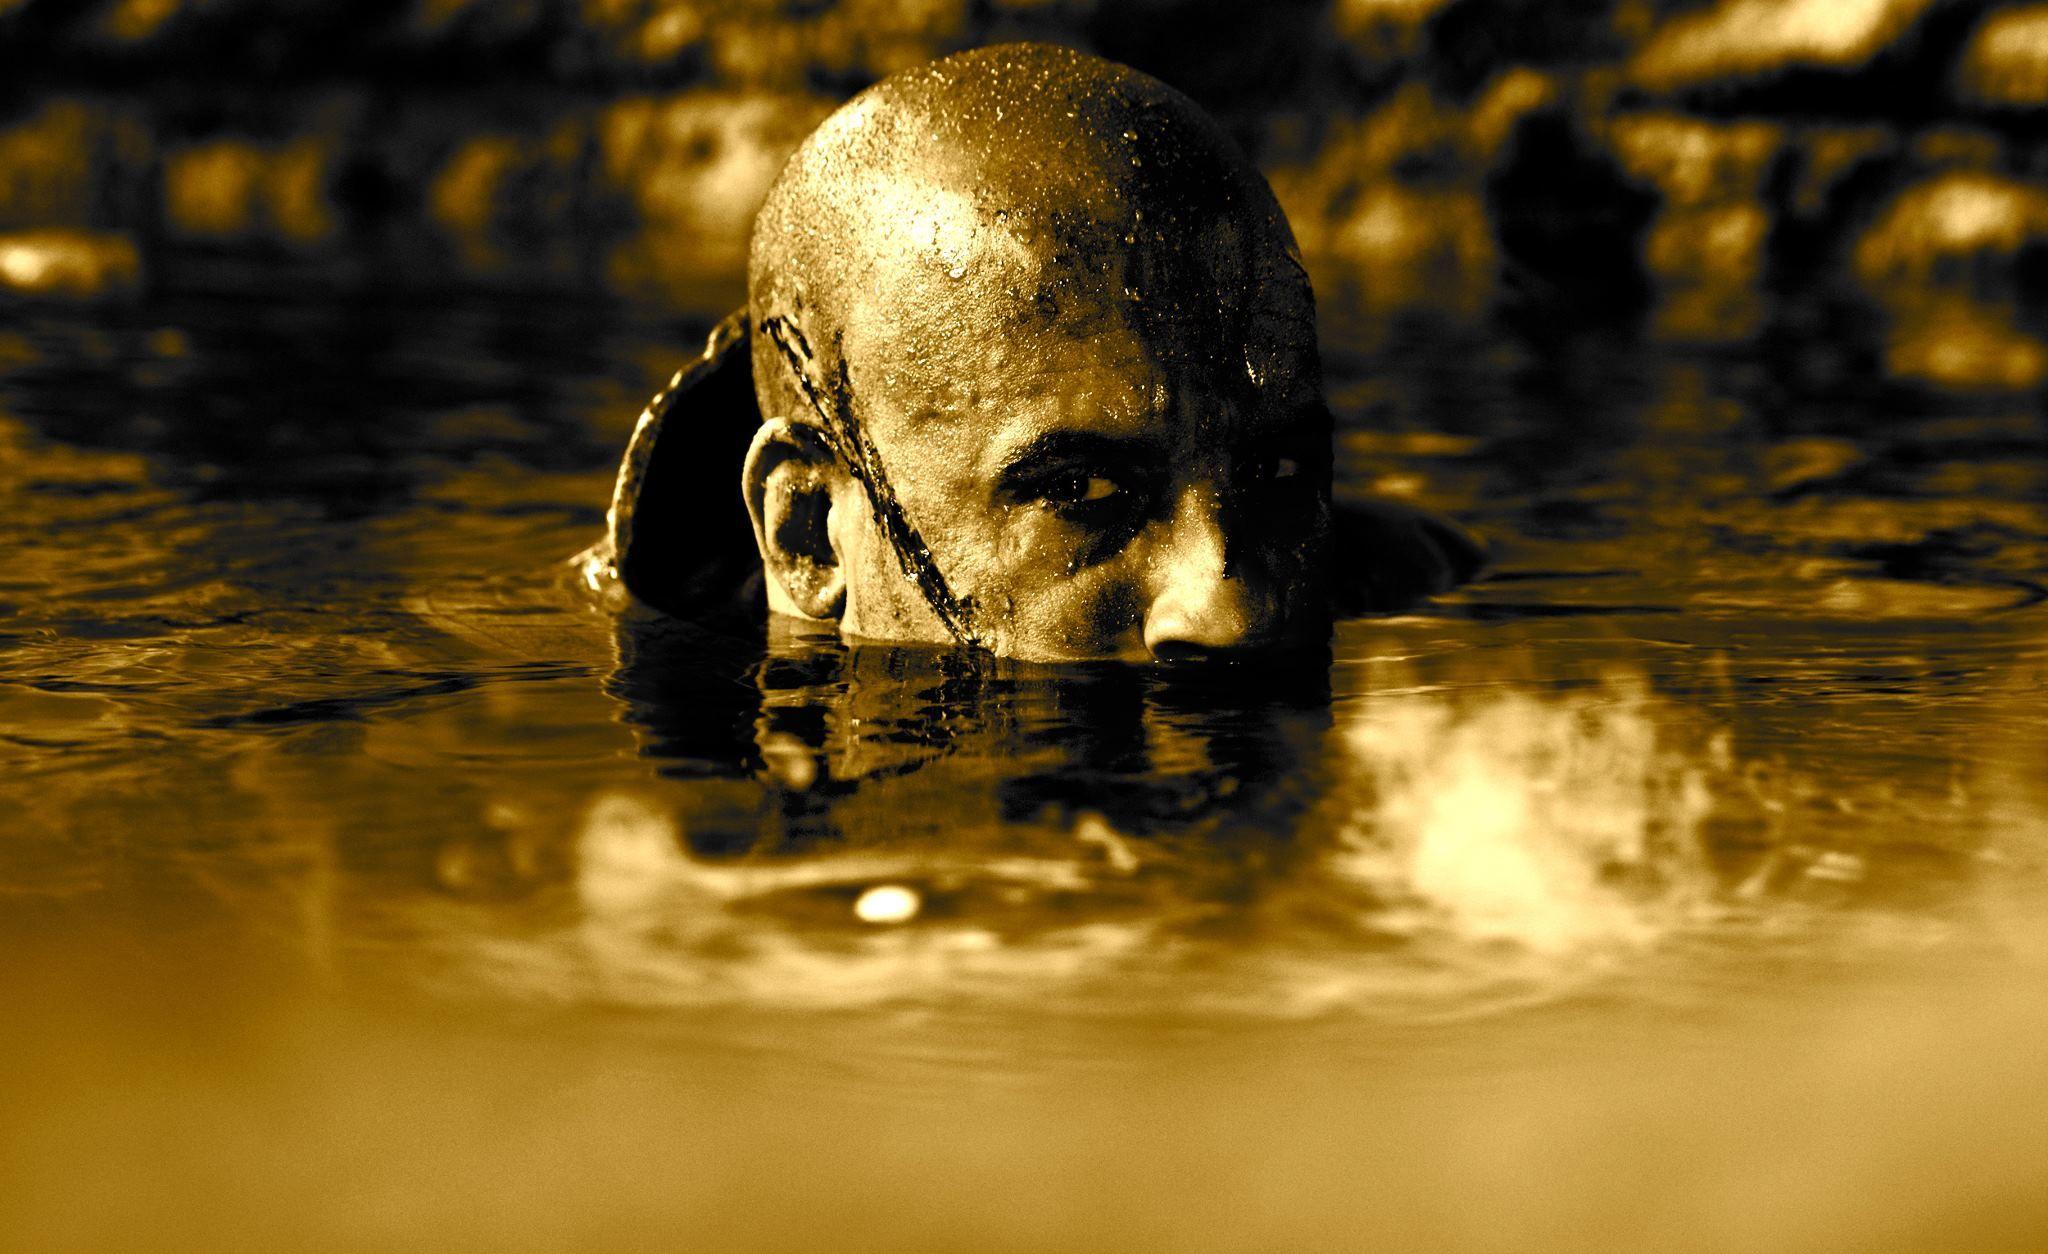 Vin Diesel in a still from RIDDICK